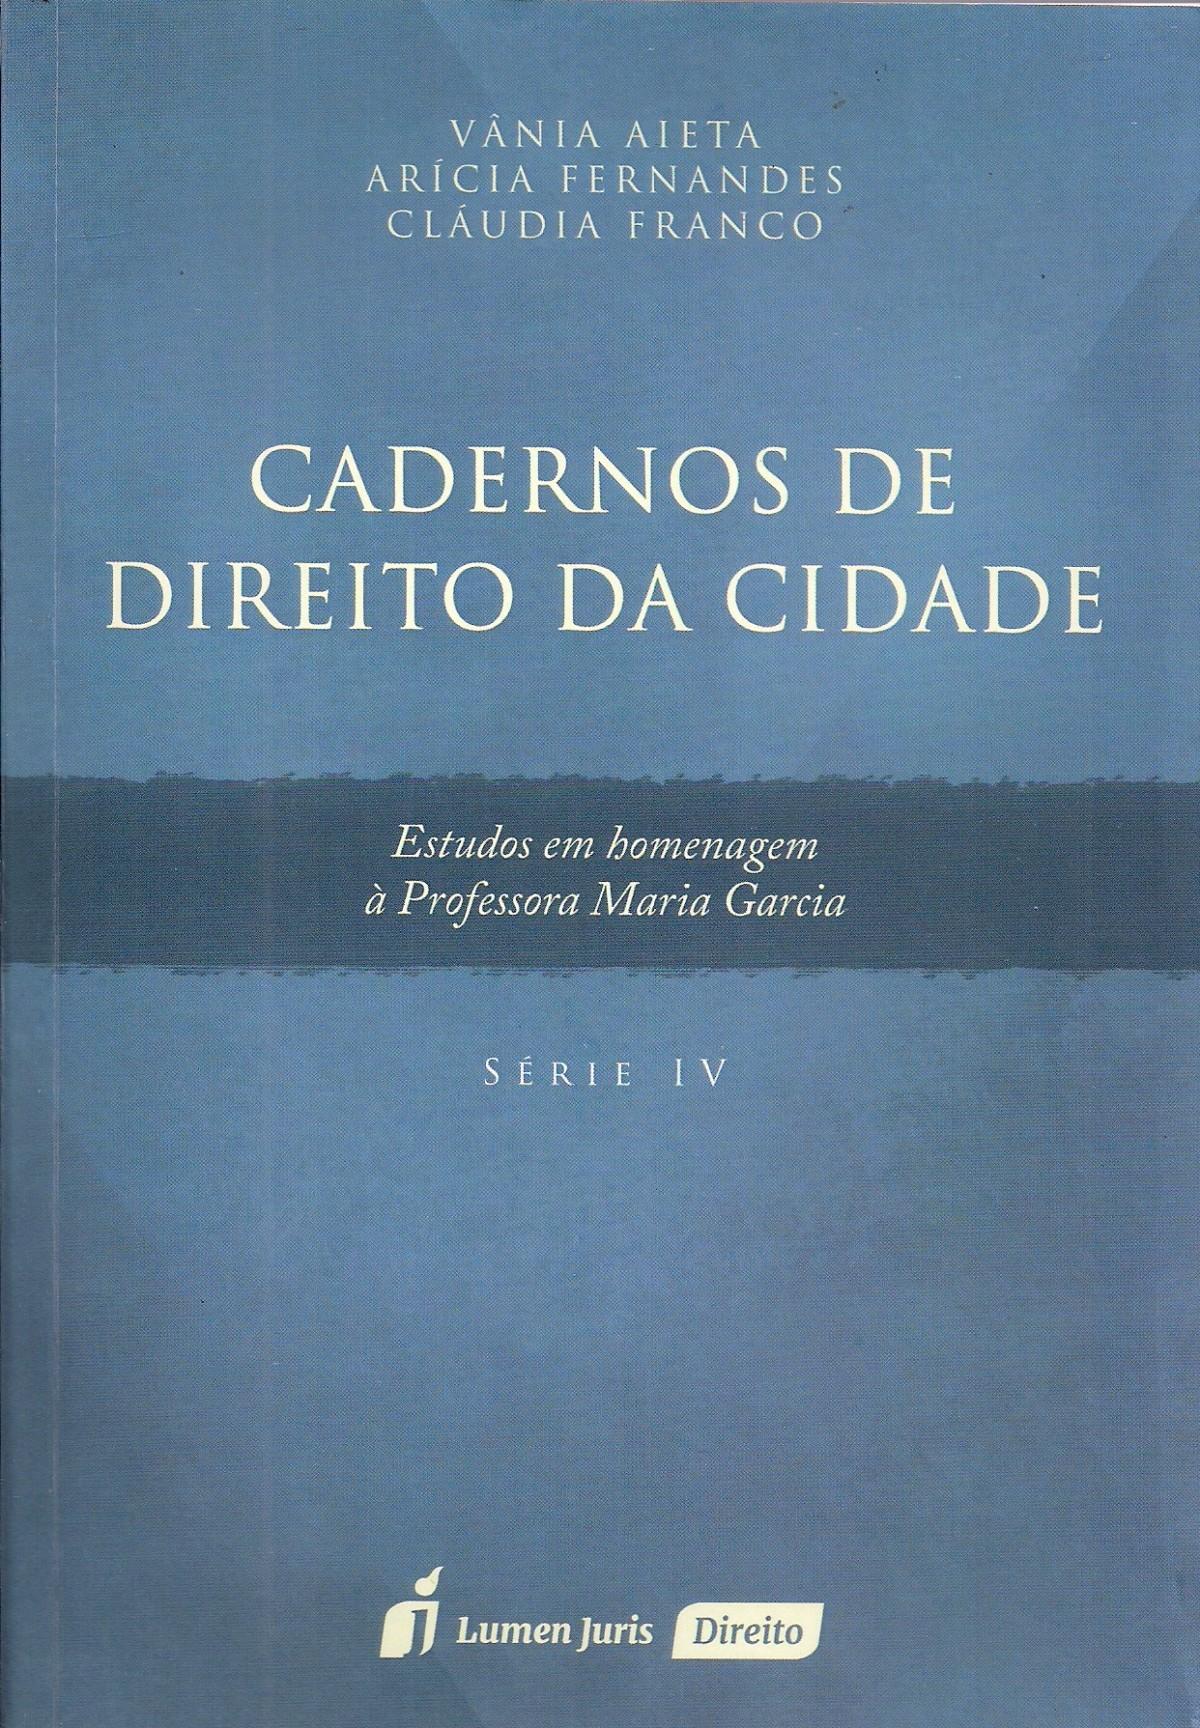 Foto 1 - Cadernos de Direito da Cidade - Série IV - 2016